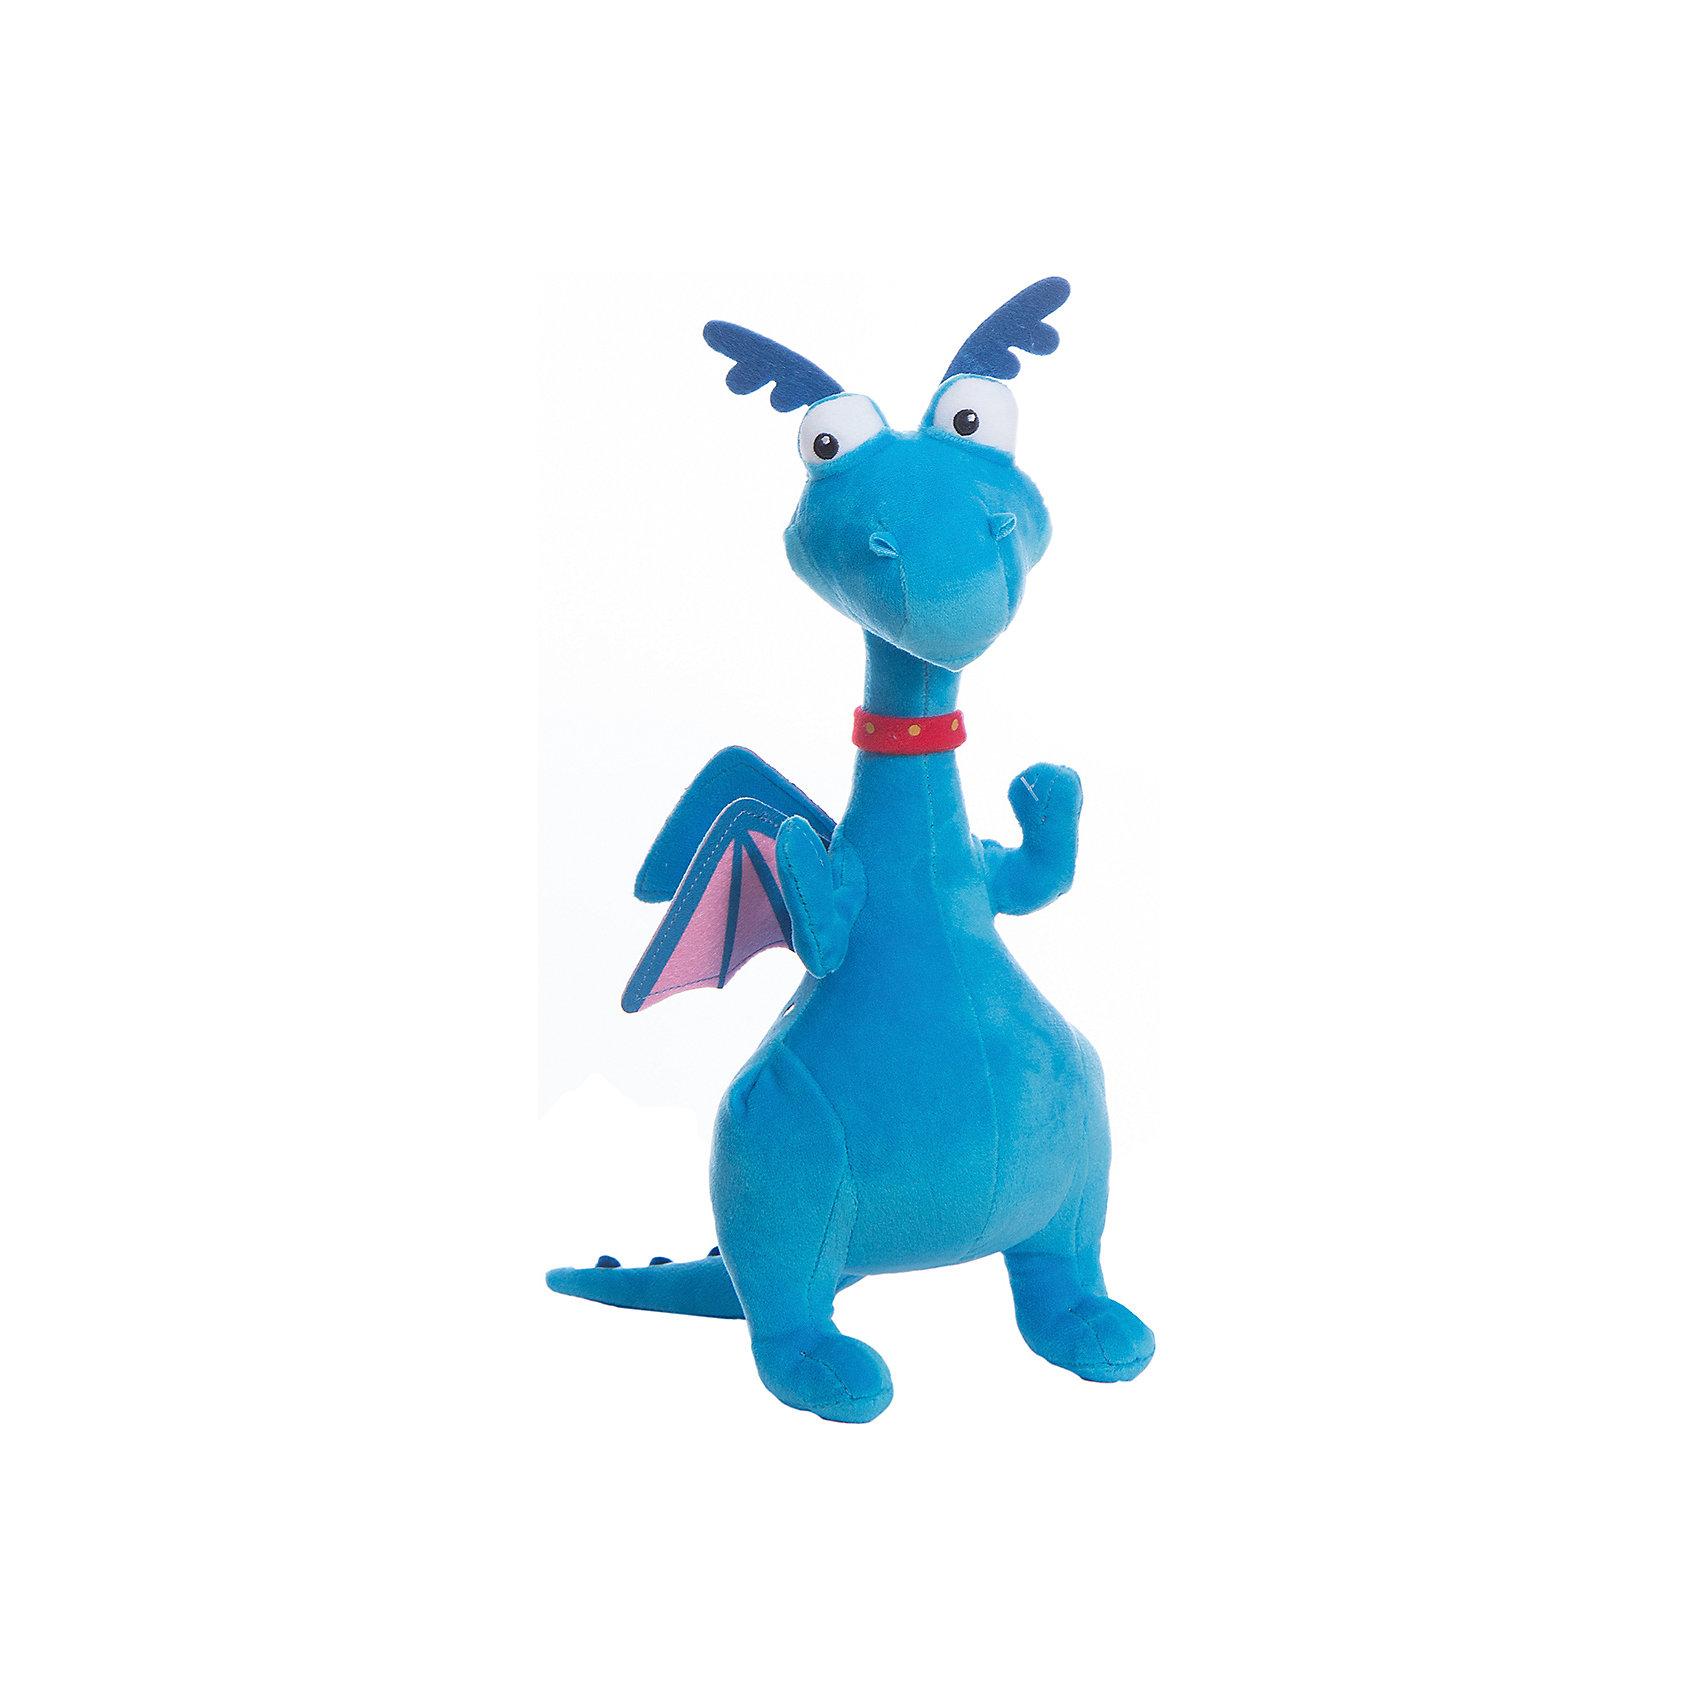 Мягкая игрушка Стаффи, 25 см, NicotoyМягкие игрушки из мультфильмов<br>Характеристики:<br><br>• по мотивам мультфильма Доктор Плюшева;<br>• высота игрушки: 25 см;<br>• материал: полиэстер;<br>• размер упаковки: 30х7х12 см;<br>• вес: 200 грамм;<br>• страна бренда: Германия.<br><br>Стаффи- забавный дракон, обладающий огромной тягой к интересным приключениям. С мягкой игрушкой ребенок сможет помочь Стаффи, придумав и воссоздав в игре множество захватывающих историй.<br><br>Игрушка изготовлена из высококачественного полиэстера, безопасного для детей. Она приятна на ощупь и не вызывает аллергических реакций. <br><br>Дракон очень похож на свой прототип из мультфильма Доктор Плюшева. Его большие глаза, маленькие крылышки и забавные рожки никого не оставят равнодушным.<br><br>Мягкую игрушку Стаффи, 25 см, Nicotoy (Никотой) можно купить в нашем интернет-магазине.<br><br>Ширина мм: 276<br>Глубина мм: 101<br>Высота мм: 127<br>Вес г: 120<br>Возраст от месяцев: 12<br>Возраст до месяцев: 2147483647<br>Пол: Женский<br>Возраст: Детский<br>SKU: 3168394